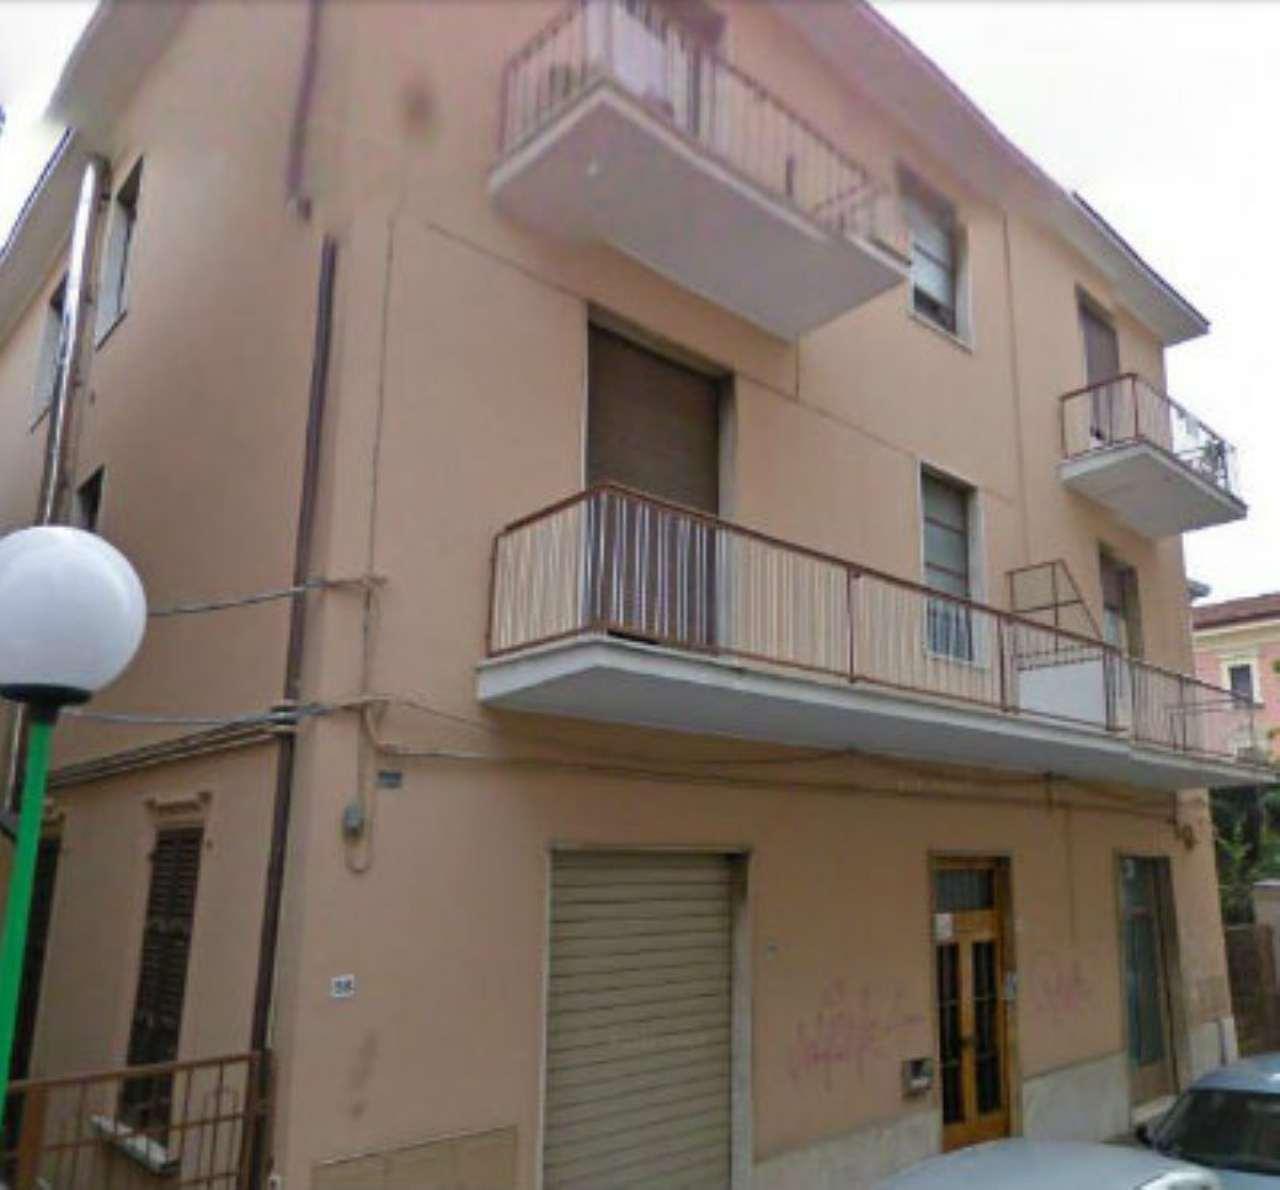 Negozio / Locale in affitto a Pescara, 3 locali, prezzo € 650 | Cambio Casa.it